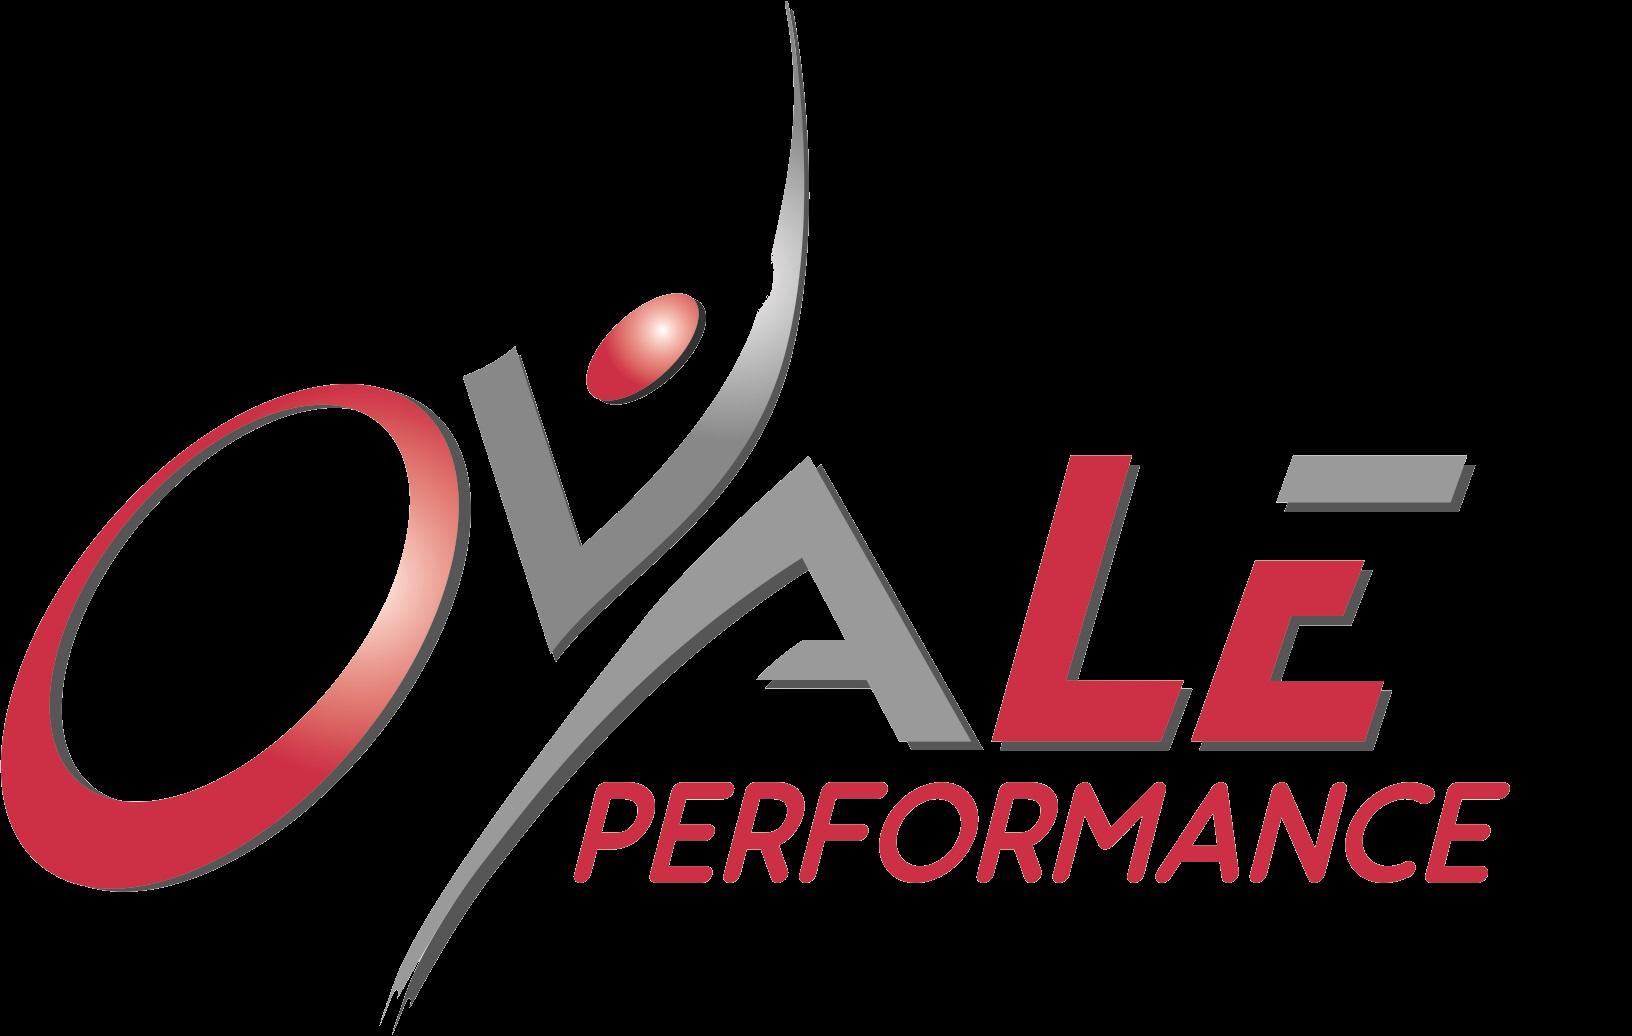 Logo Ovale Performance - sans fond